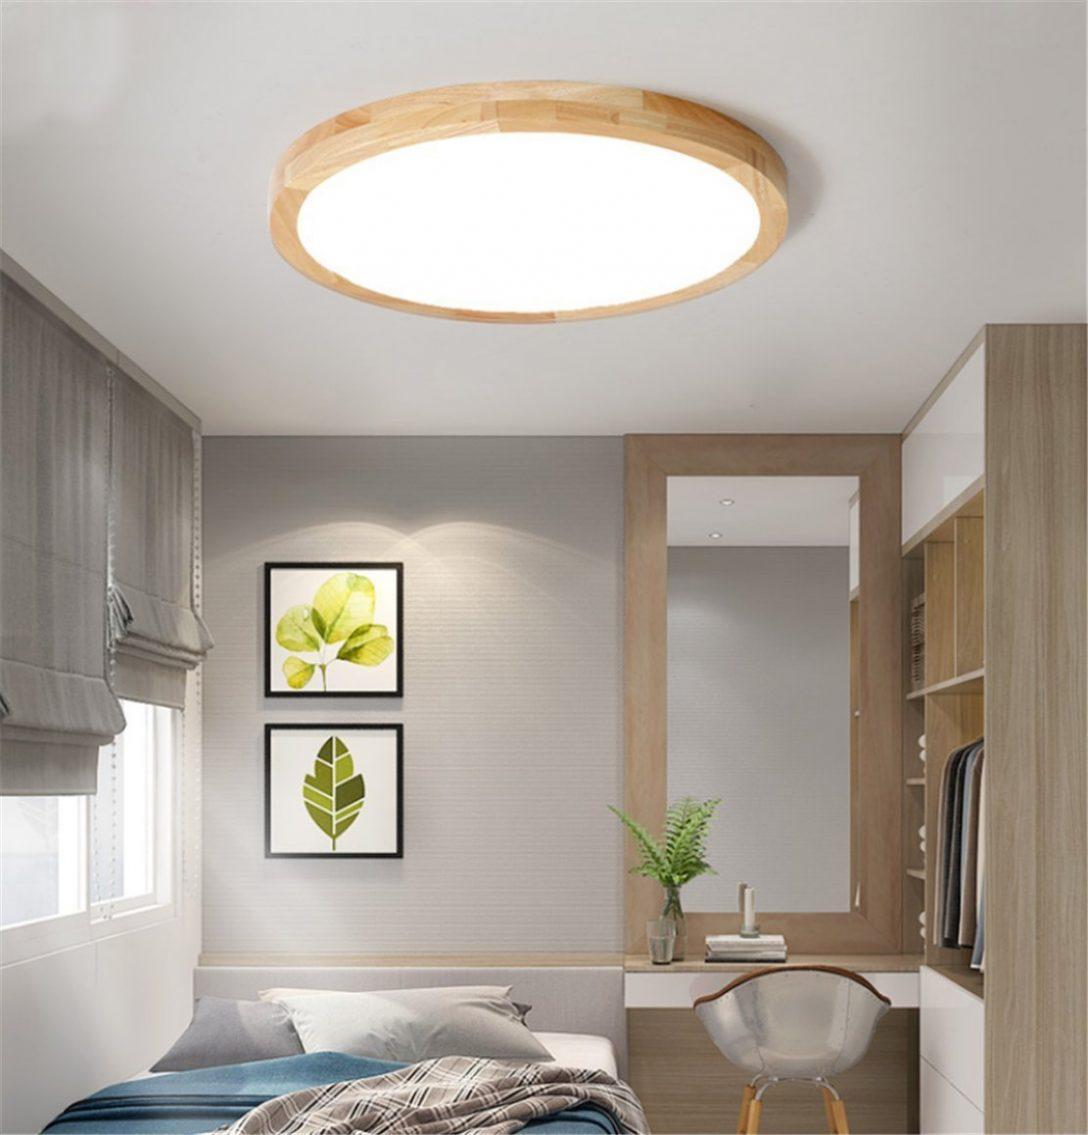 Large Size of Sjun Deckenleuchte Holz Lampe Rund Holzlampe Dimmbar Mit Deckenlampe Bad Moderne Wohnzimmer Deckenleuchten Schlafzimmer Led Decke Küche Badezimmer Decken Wohnzimmer Holzlampe Decke